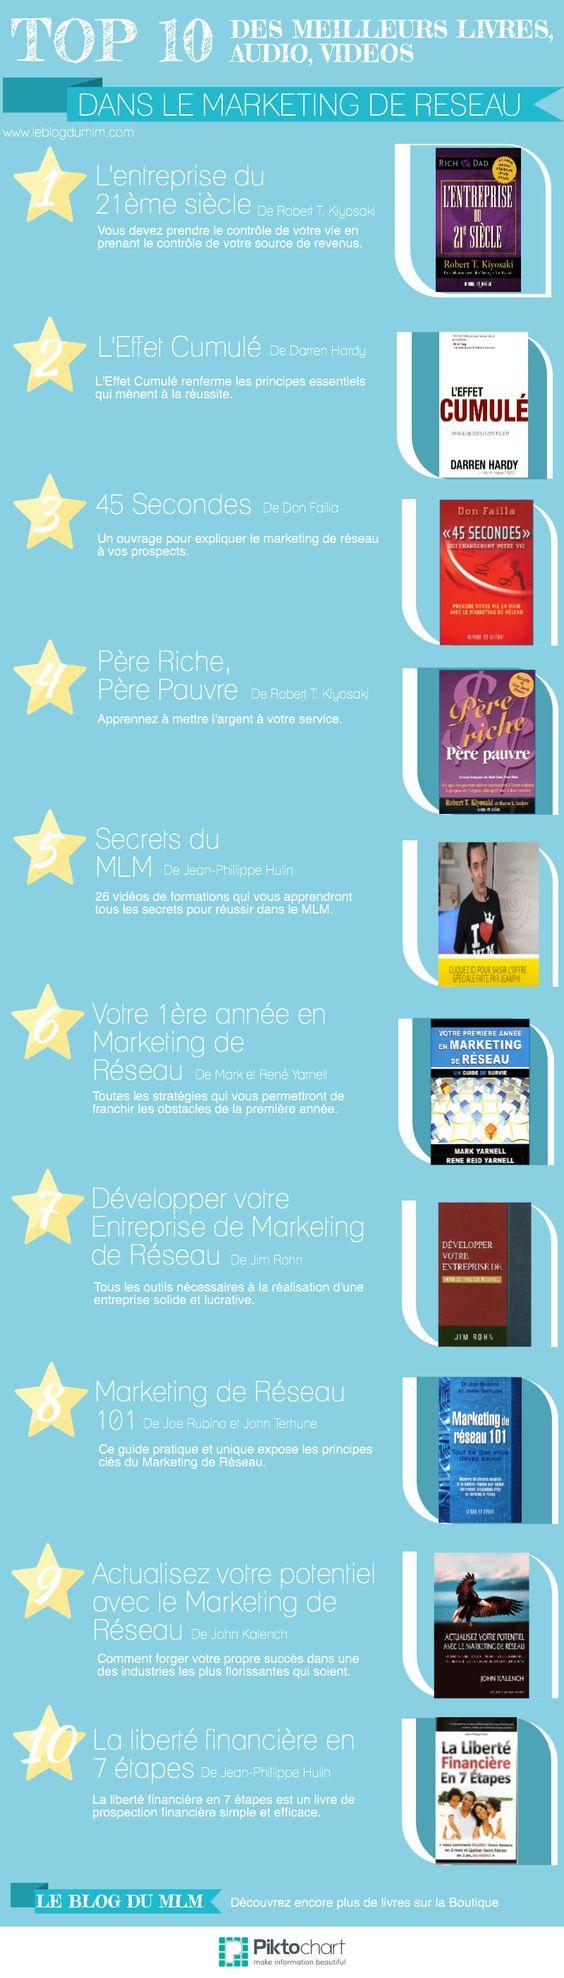 Les meilleurs livres en marketing de réseau. La liste complète sur http://www.leblogdumlm.com/le-top-10-des-meilleurs-livres-audios-videos-en-marketing-de-reseau #marketing de reseau #MLM